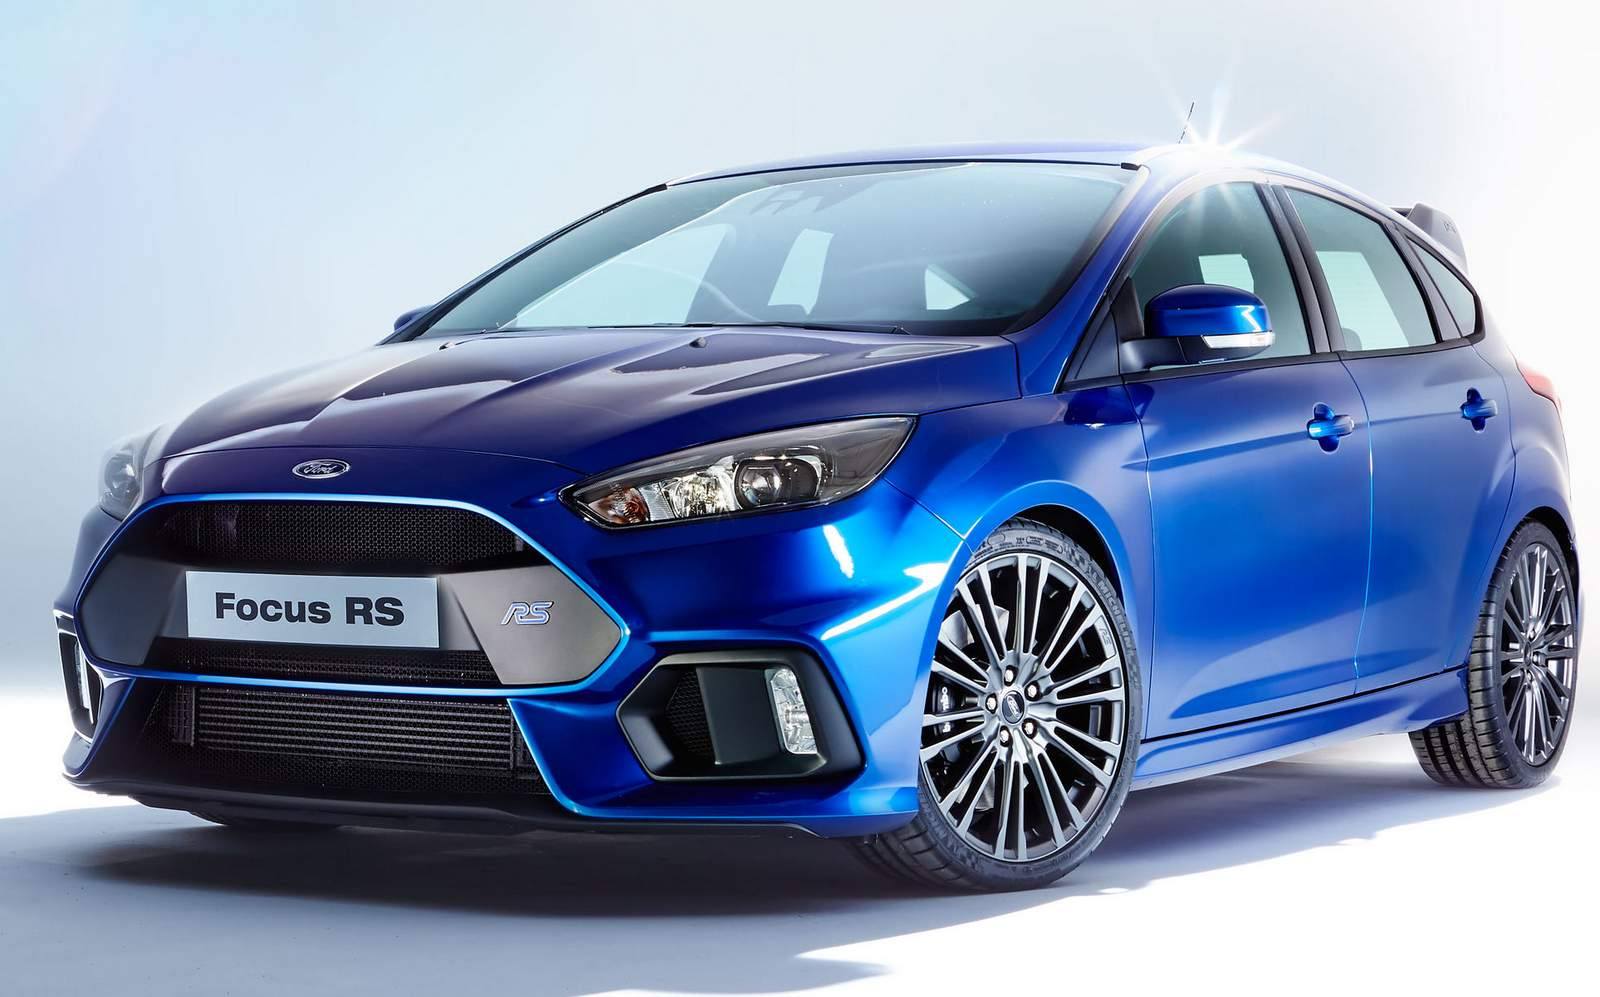 Novo Focus RS 2016